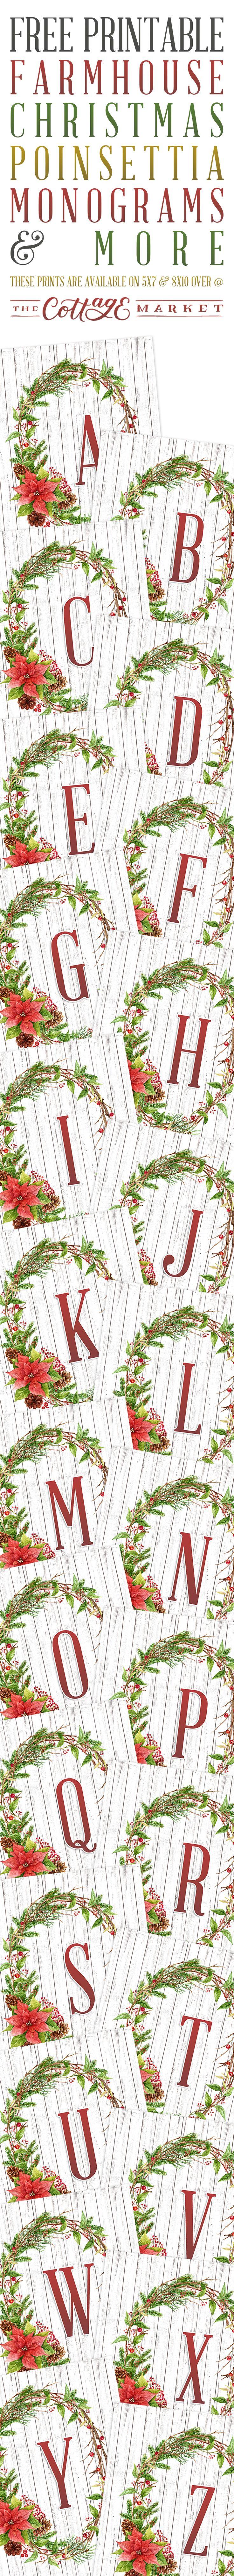 Free Printable Farmhouse Christmas Poinsettia Monograms and More